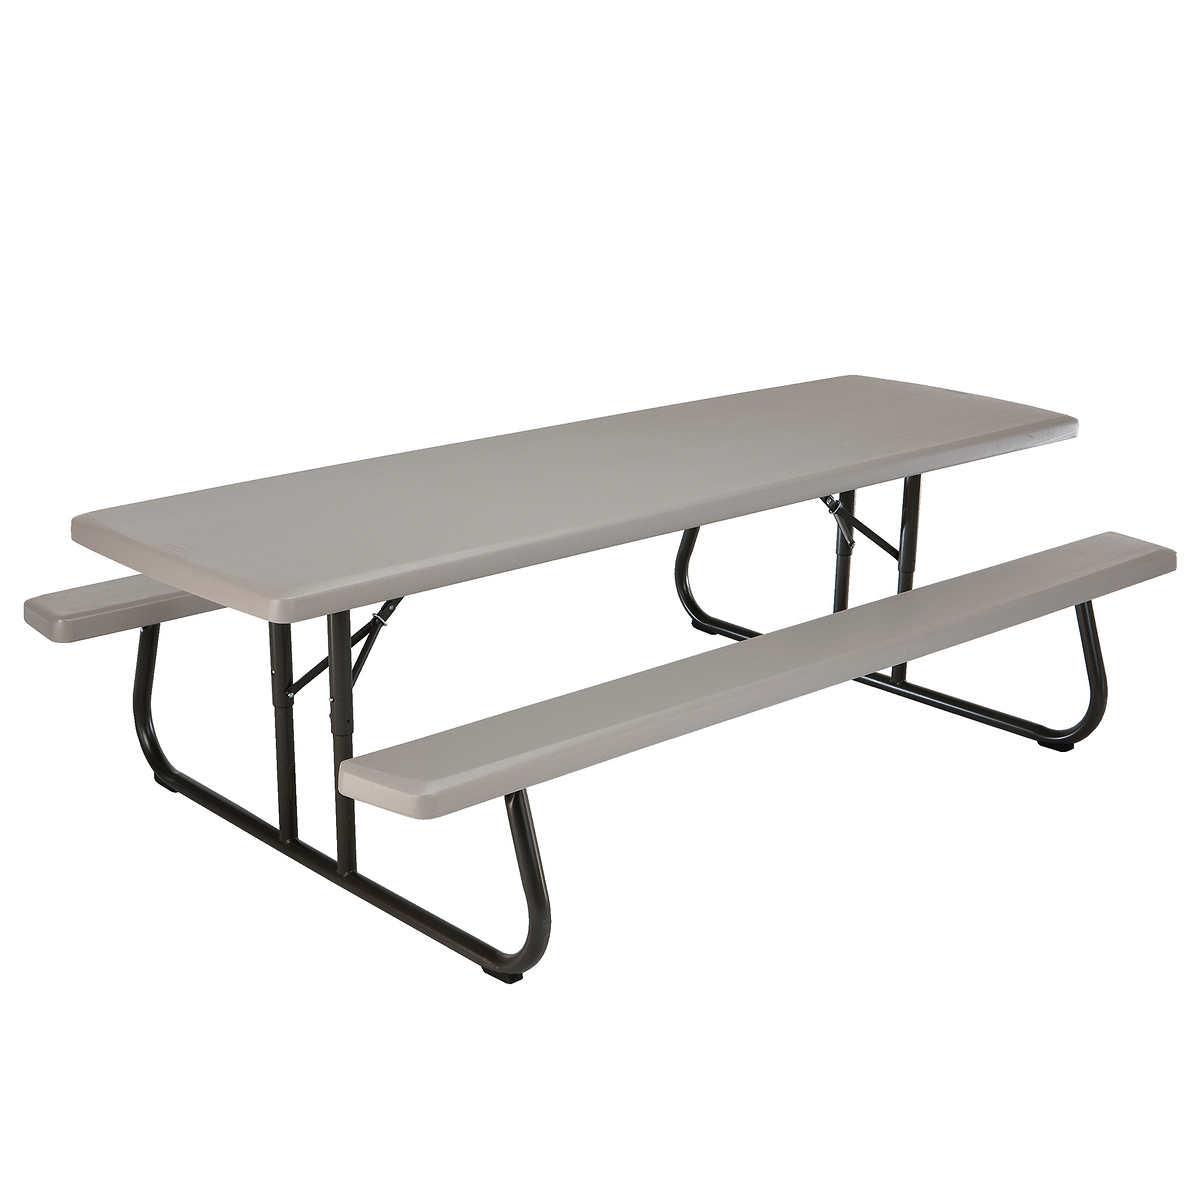 Lifetime 8 ft Folding Picnic Table